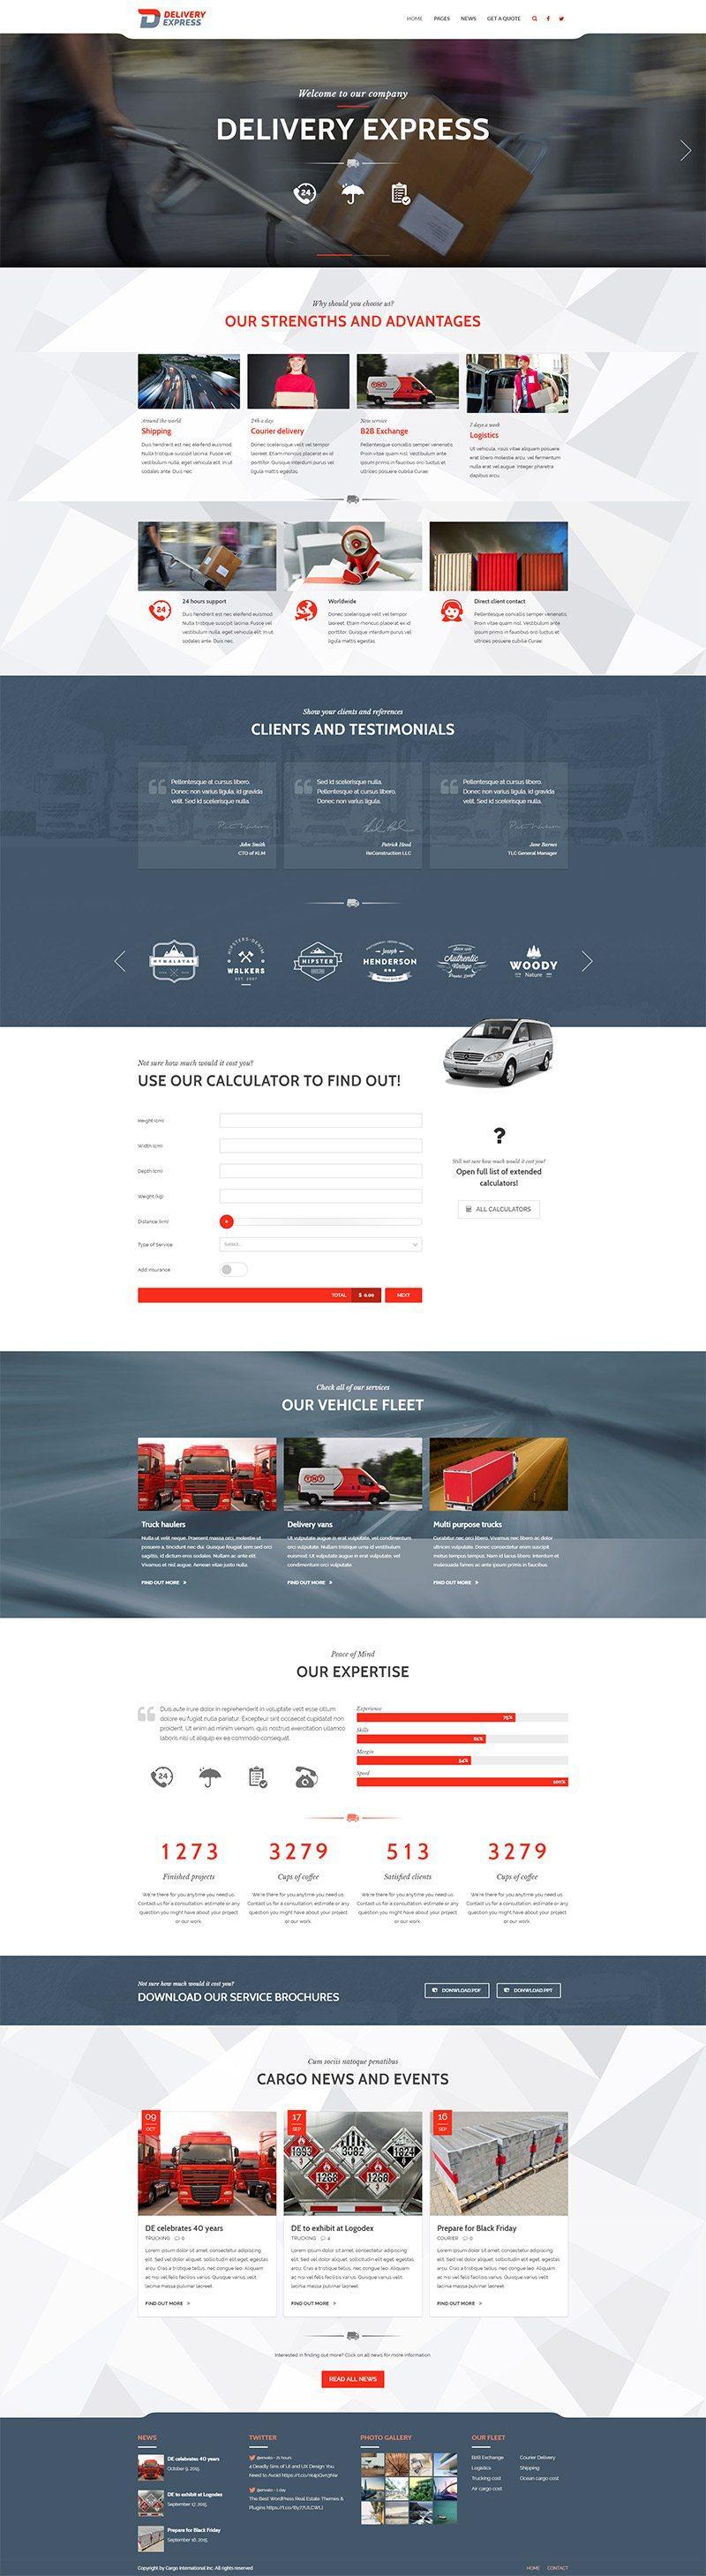 Giao-dien-website-doanh-nghiep-Cargo